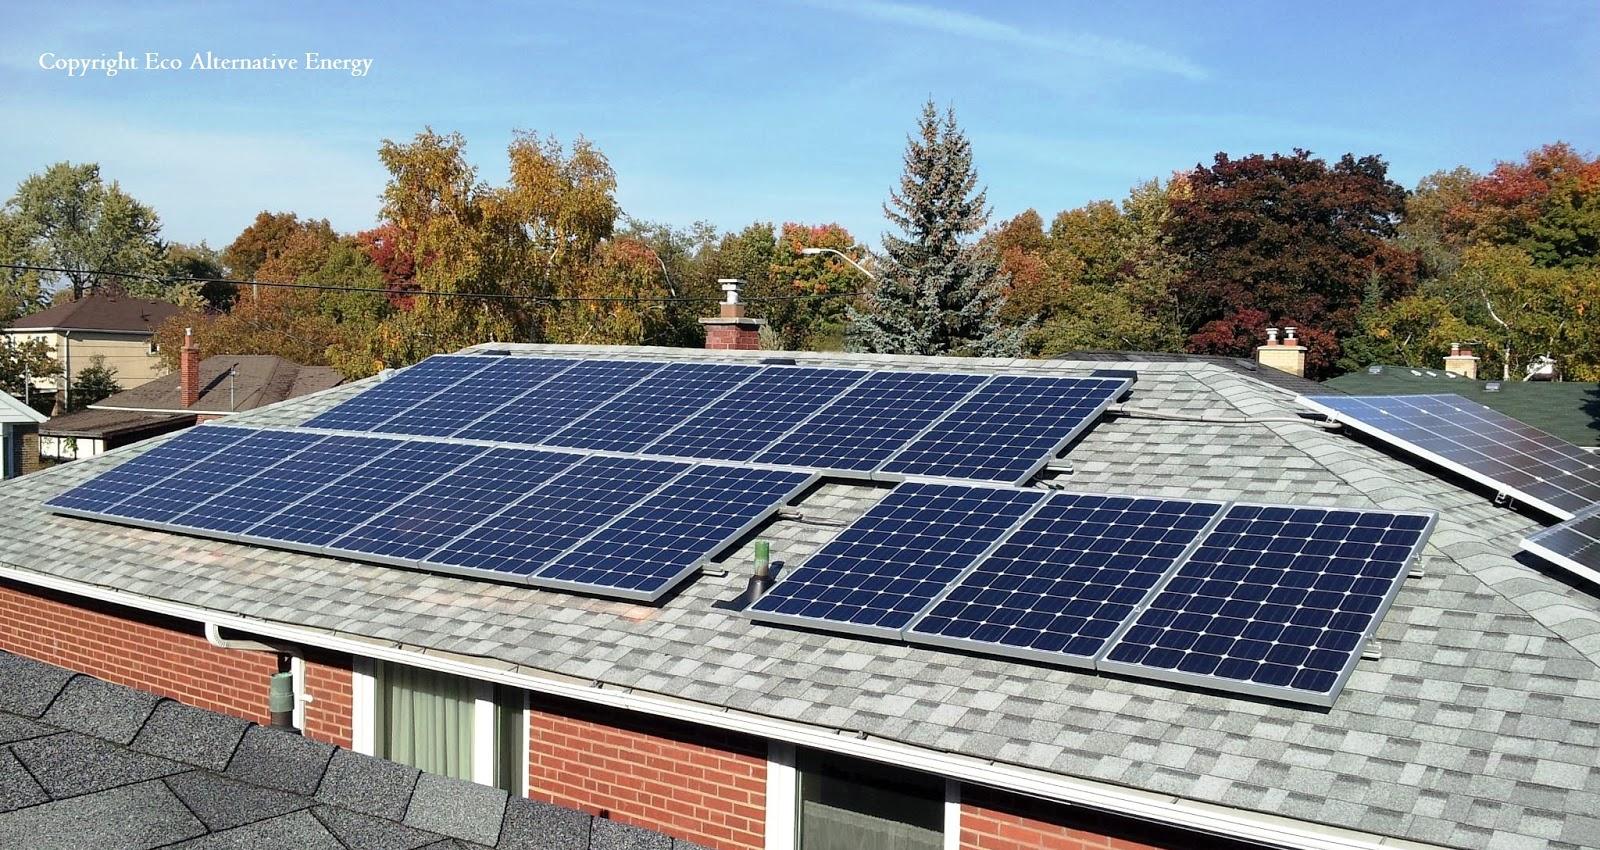 Pasang Panel Solar Atas Bumbung Di Malaysia Install Solar